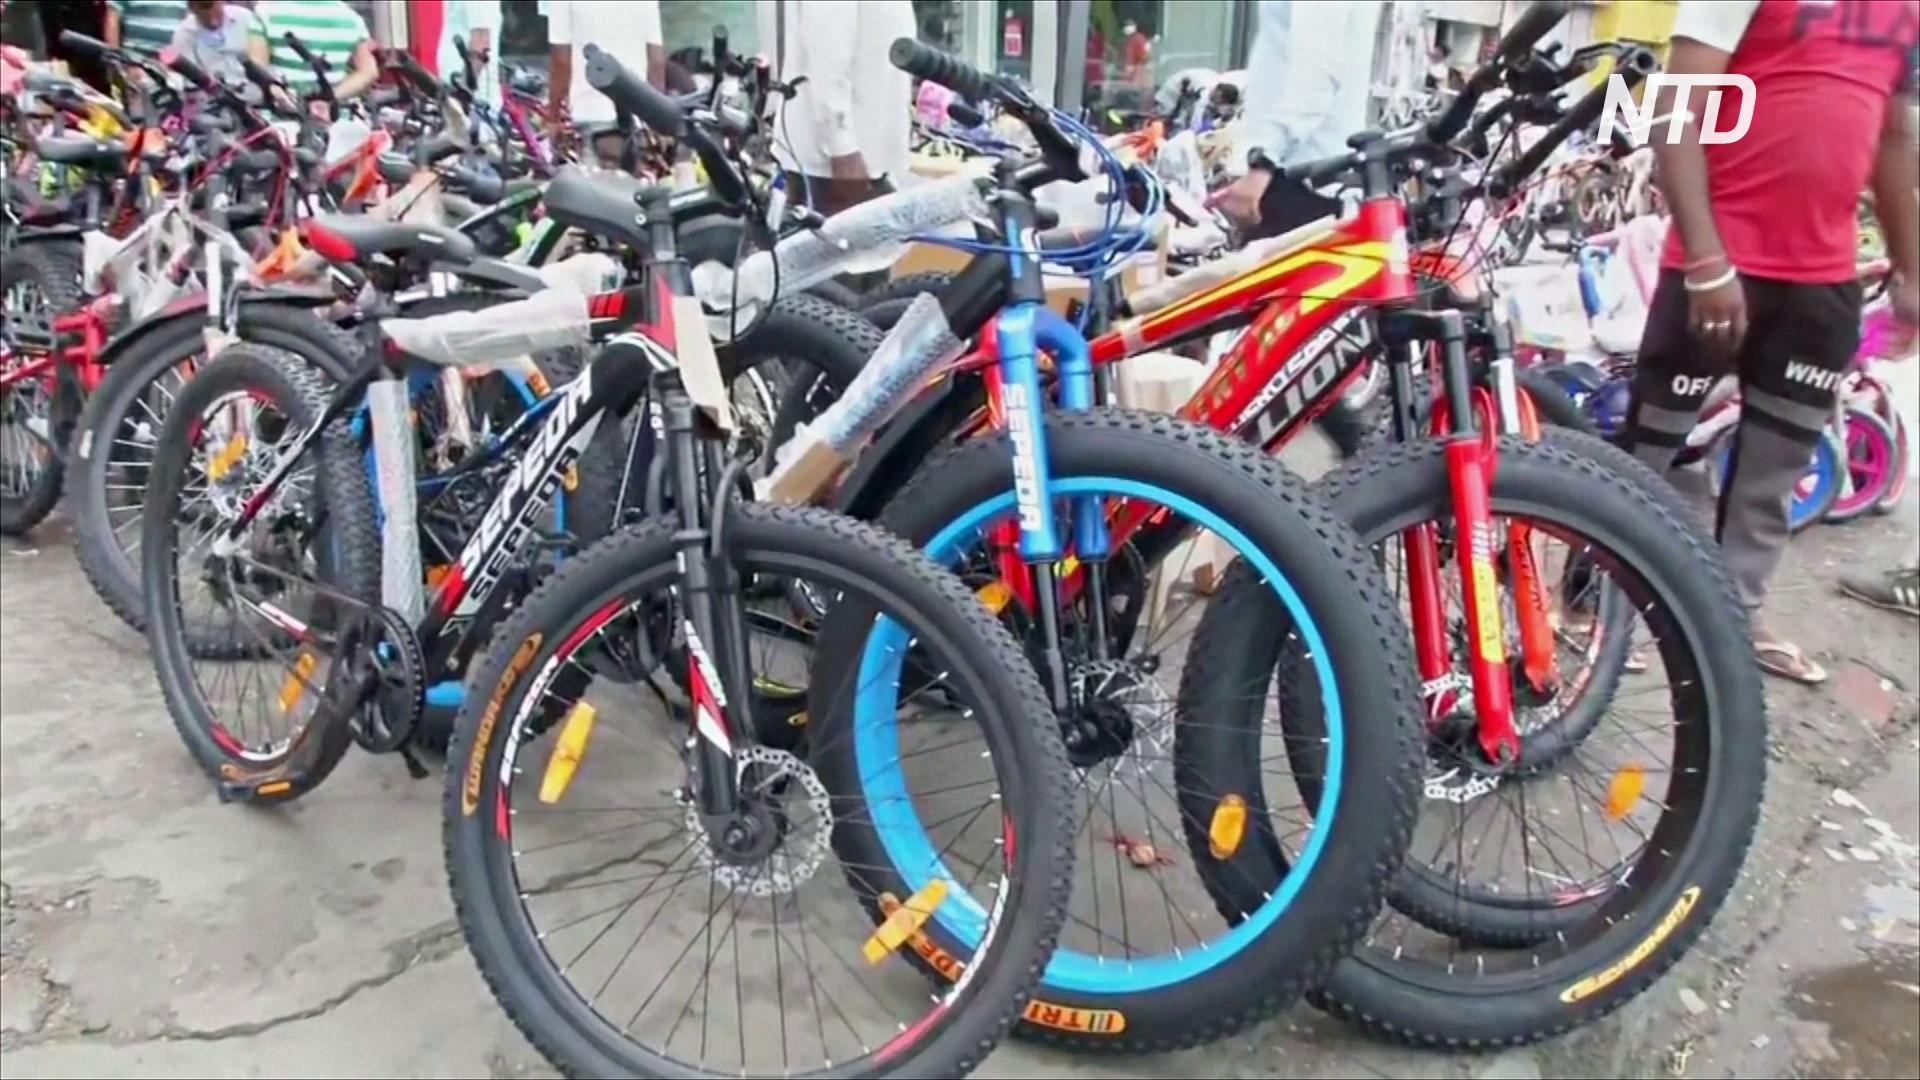 Производитель велосипедов в Индии разорвал контракт с Китаем на $121 млн